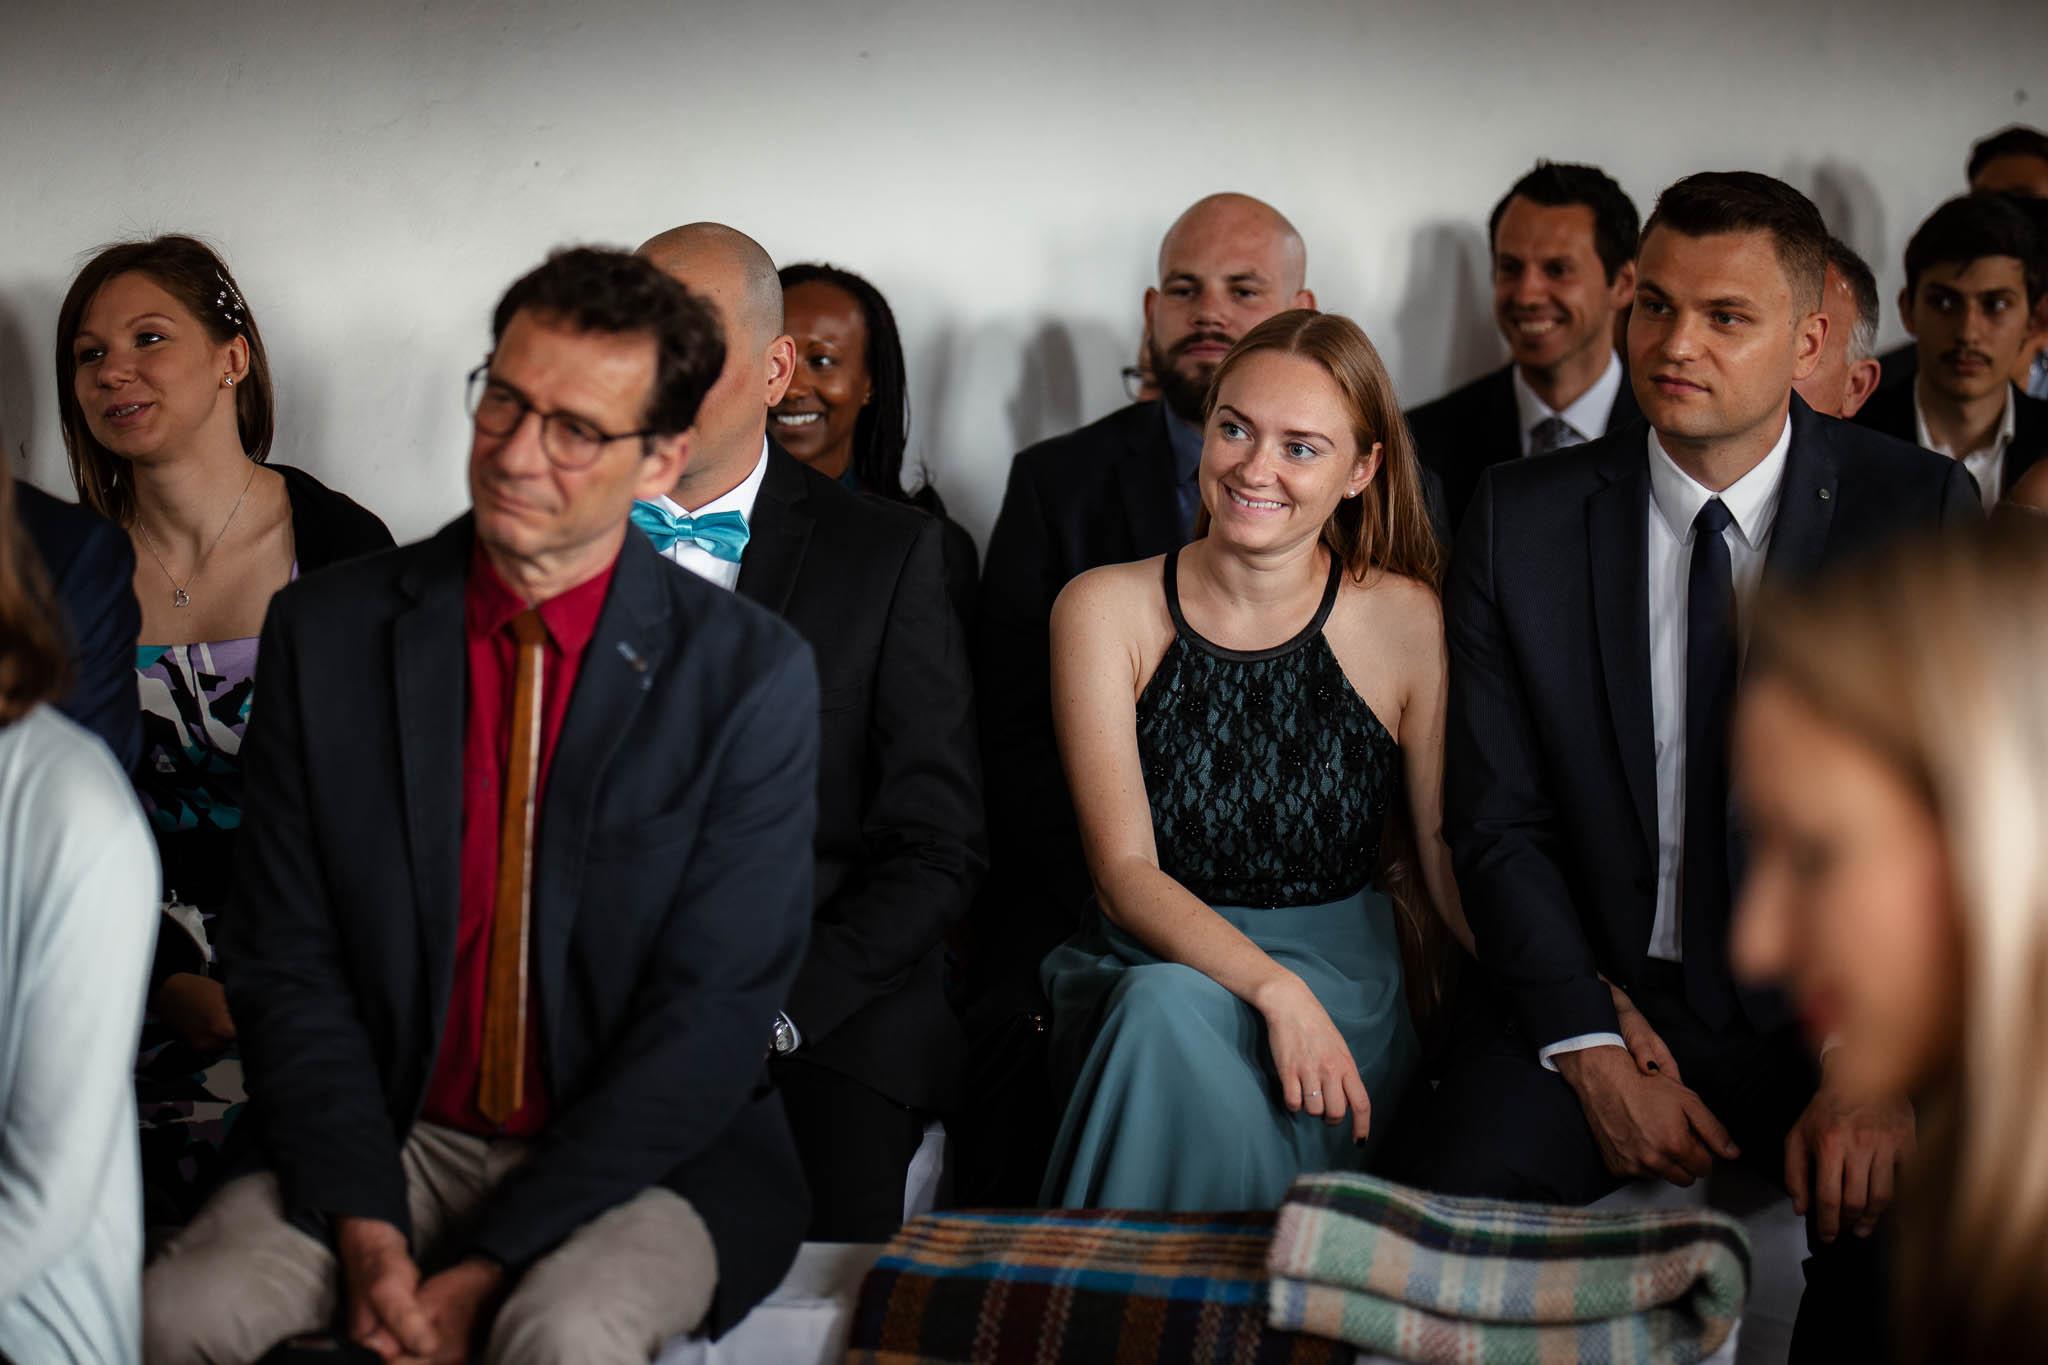 Als Hochzeitsfotograf im Hofgut Ruppertsberg: Hochzeit von Lisa und Max mit freier Trauung 29